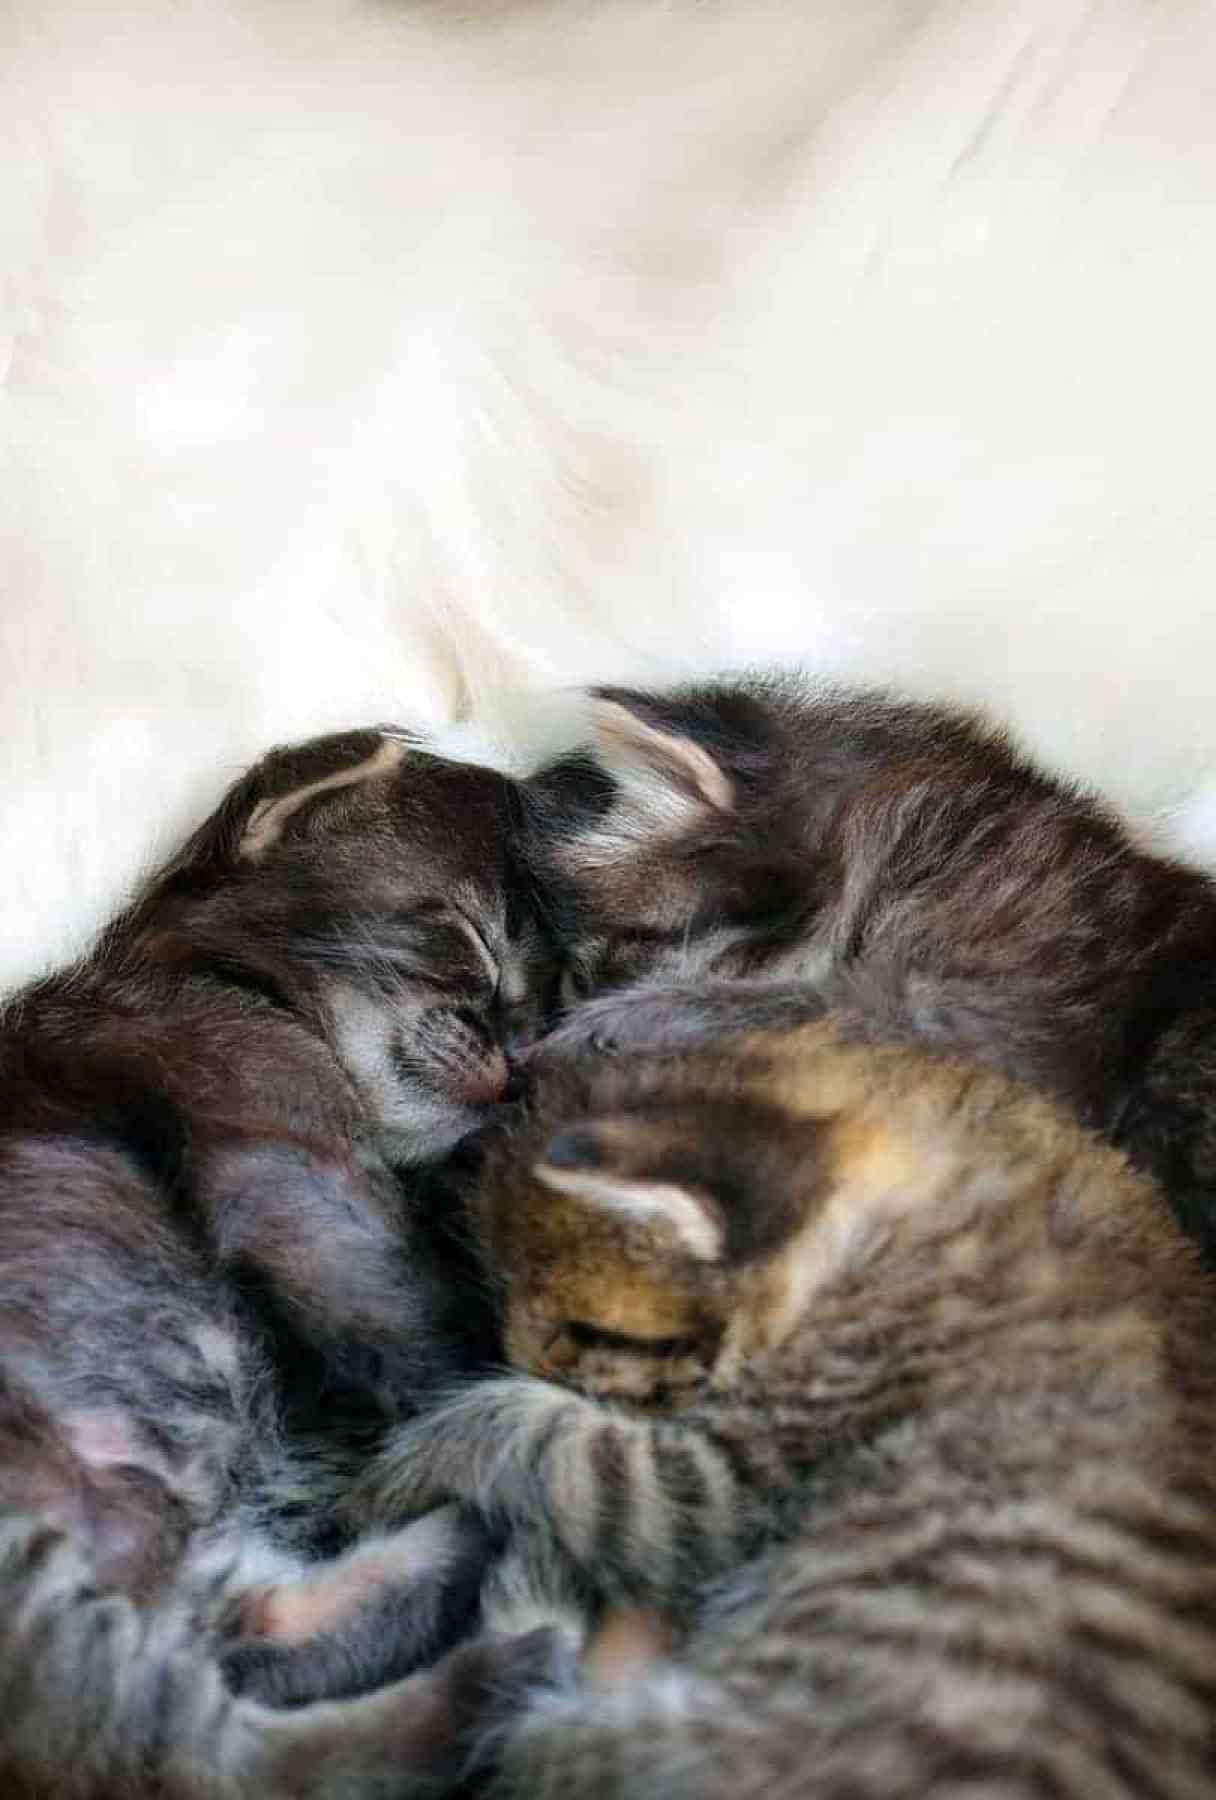 Jakie mogą wystąpić komplikacje przy porodzie u kotki?